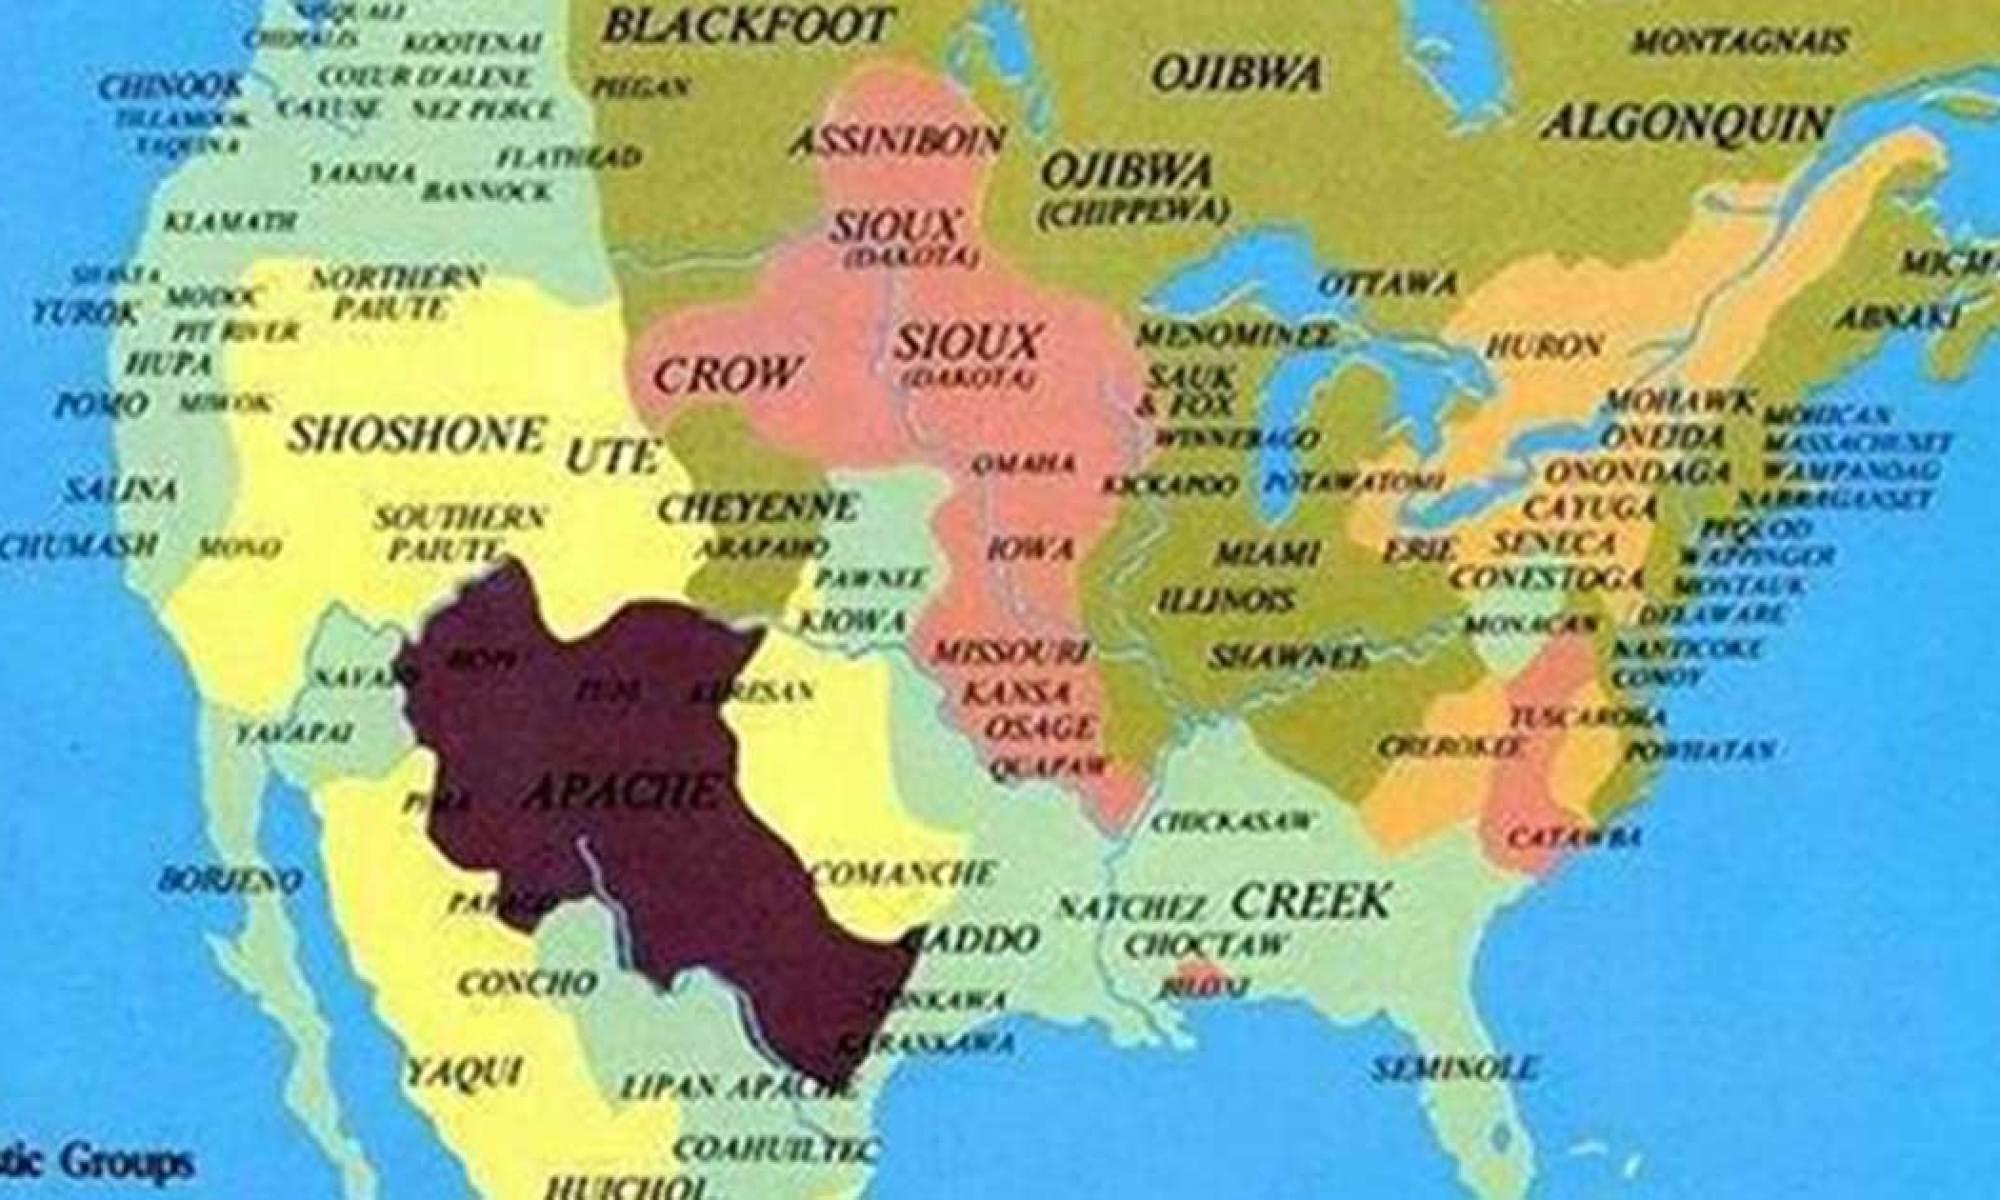 Почему этой карты нет в книгах по истории?